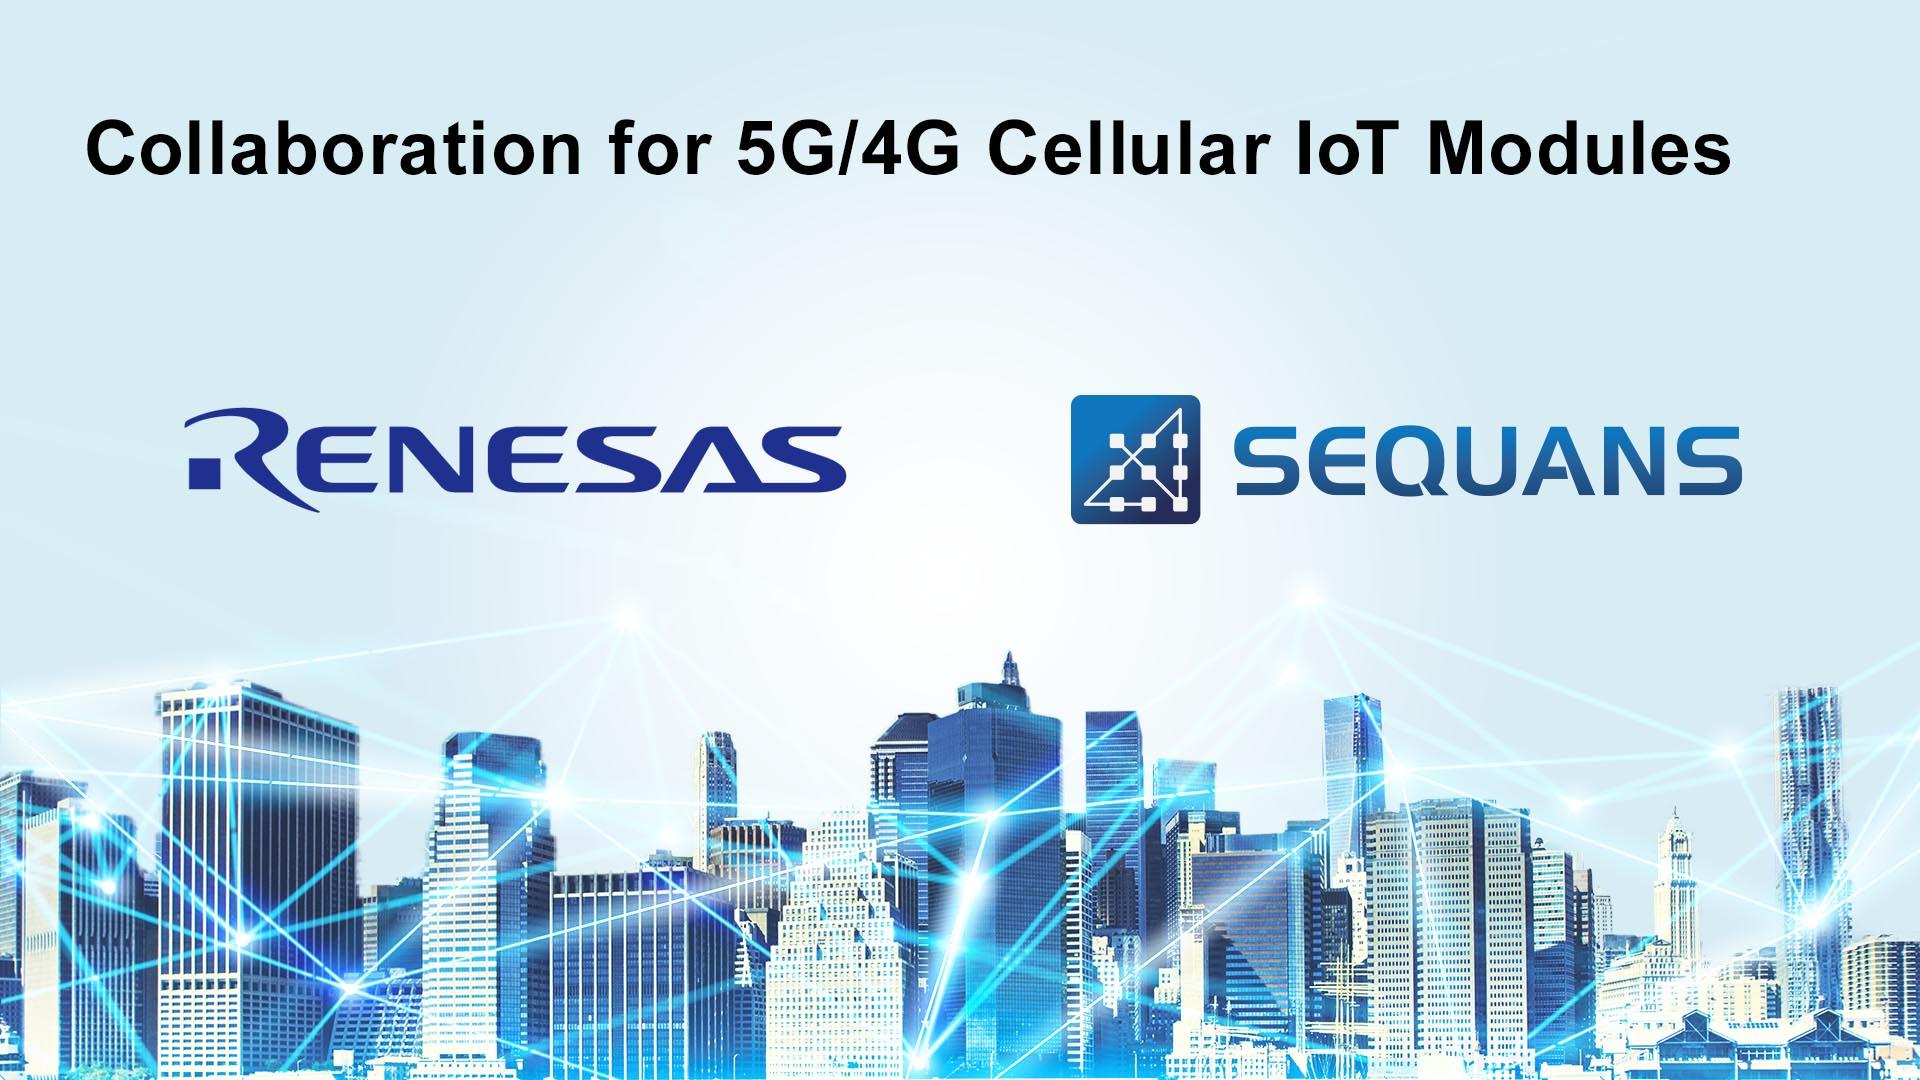 Renesas e Sequans annunciano la loro collaborazione nel campo IoT Cellulare 5G/4G